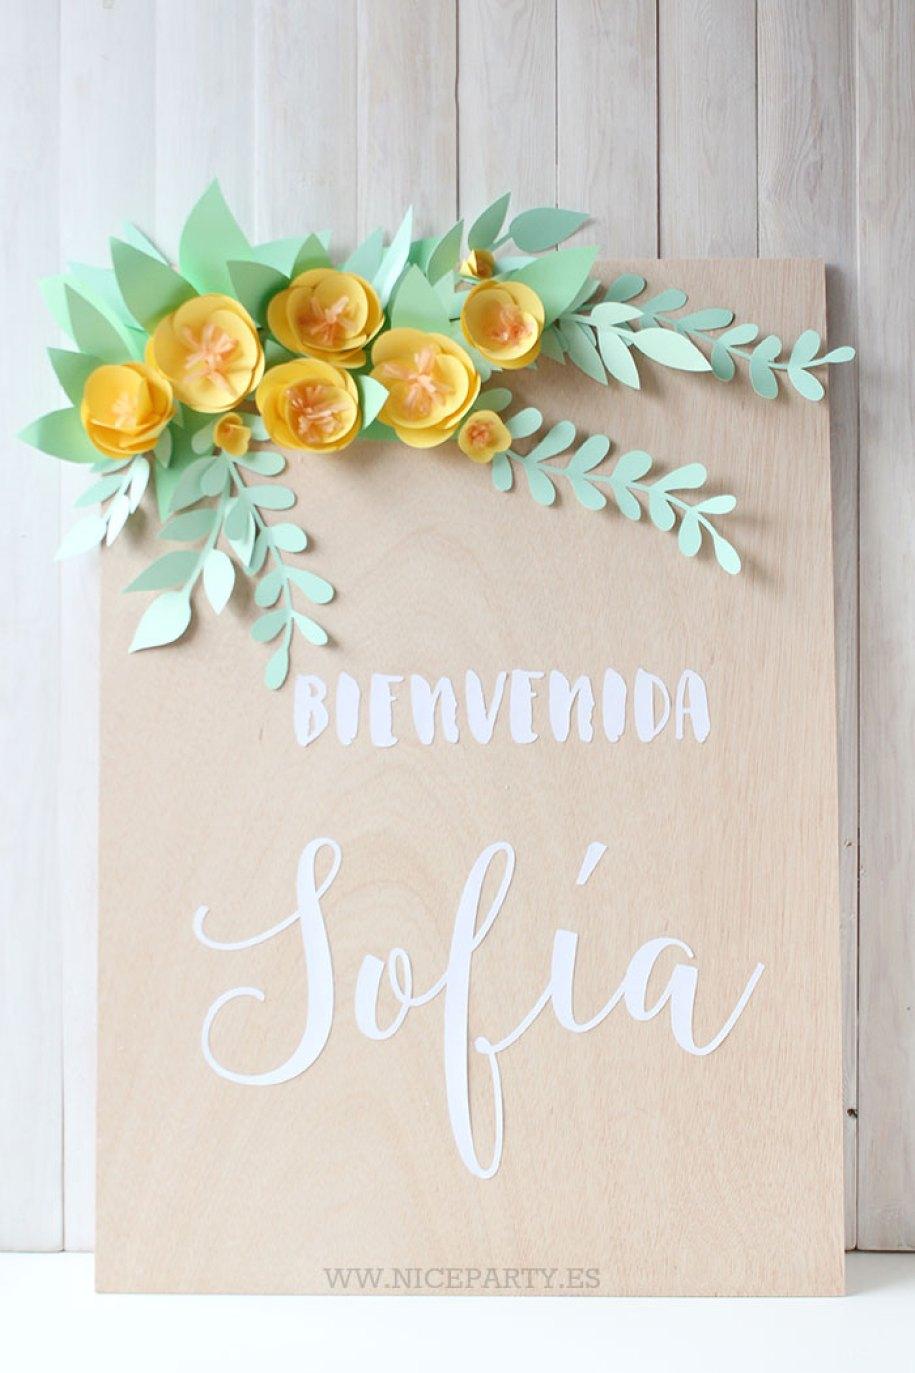 nice-party-cartel-de-madera-y-flores-de-papel-2